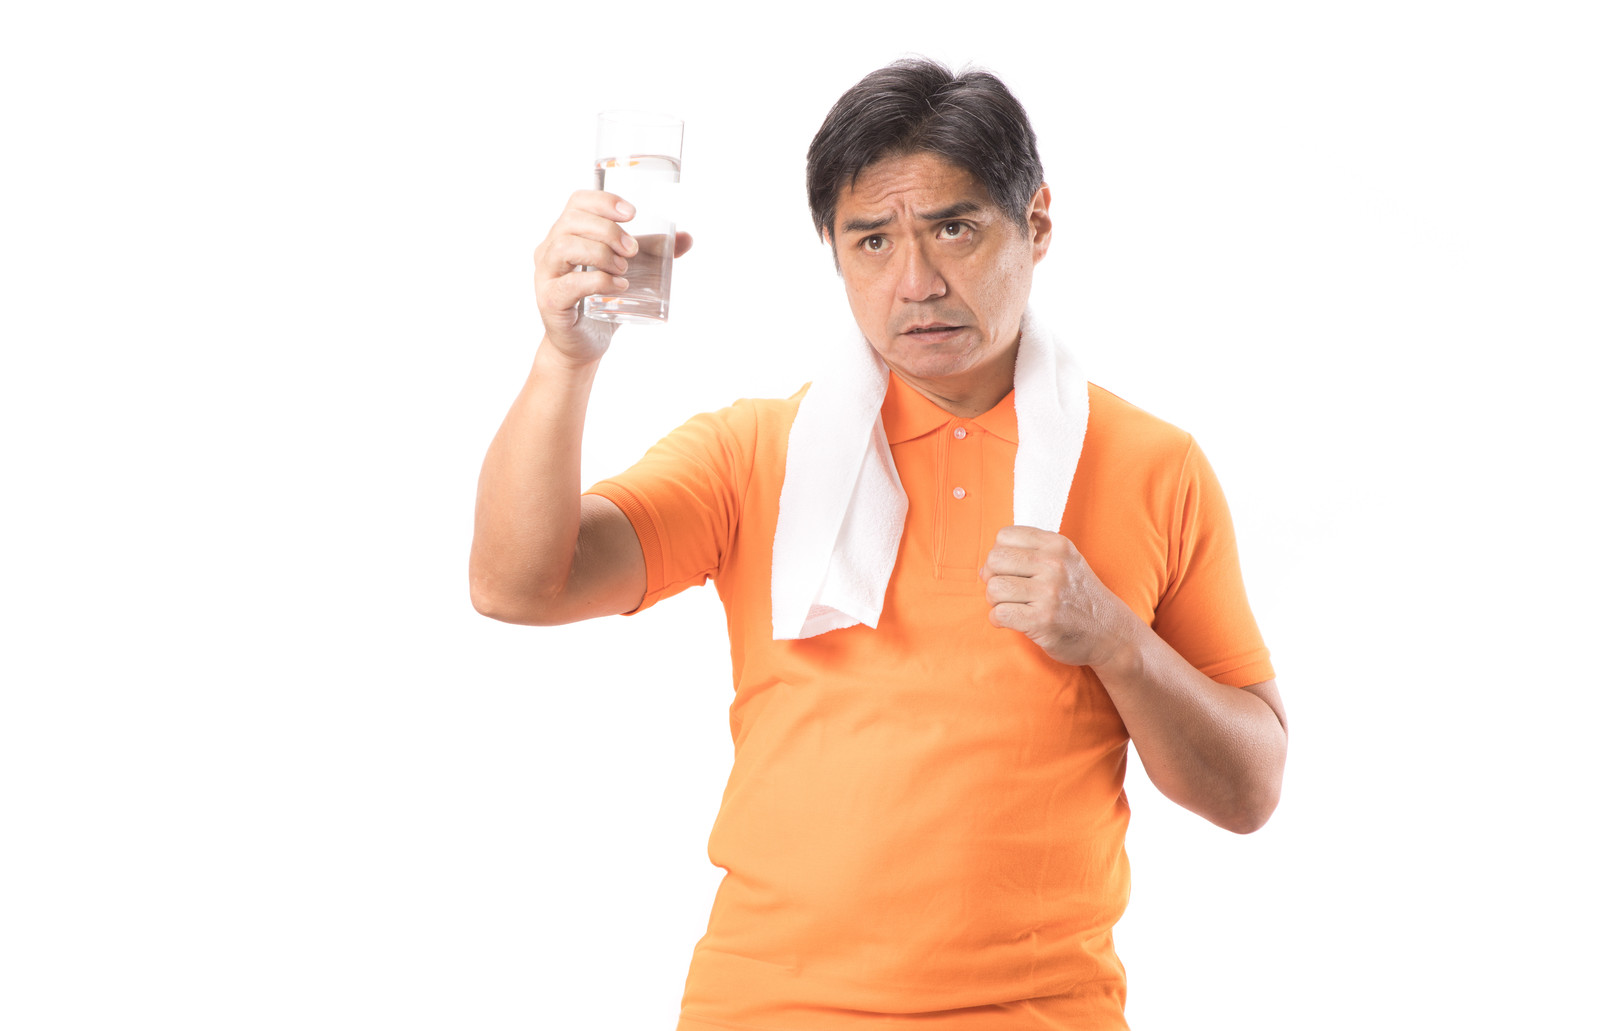 「禁酒中につき運動後は決まって水のお父さん禁酒中につき運動後は決まって水のお父さん」[モデル:よたか]のフリー写真素材を拡大